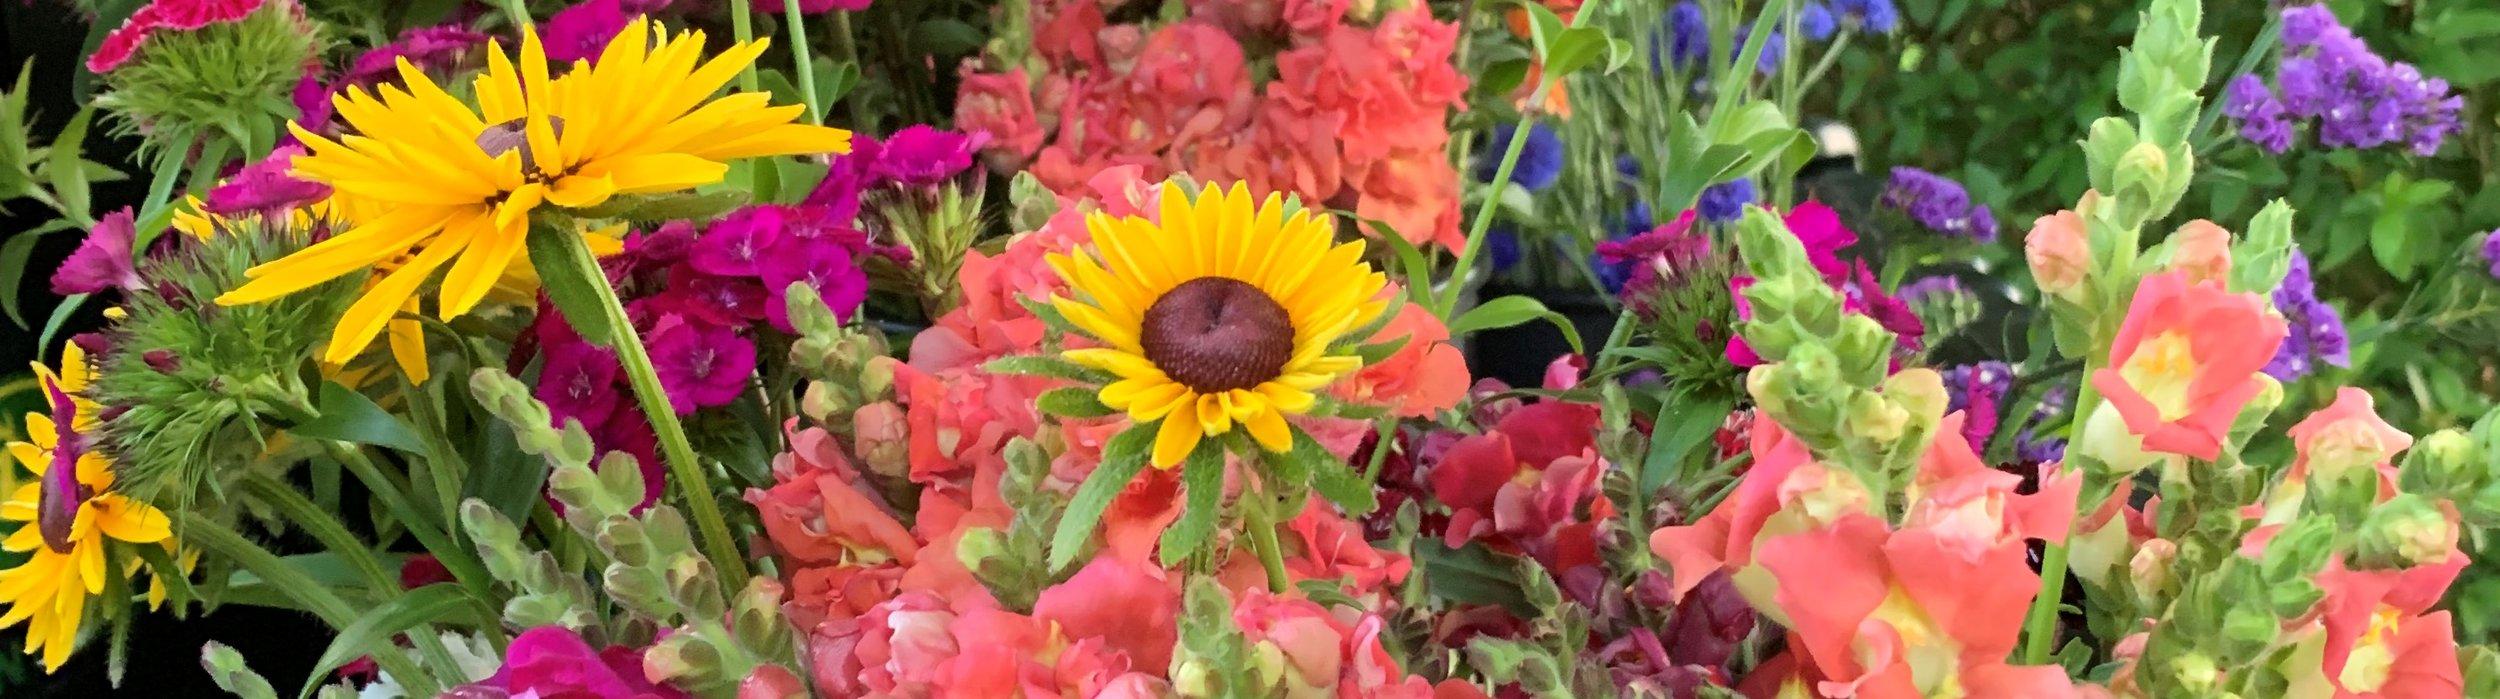 June Flowers.JPG